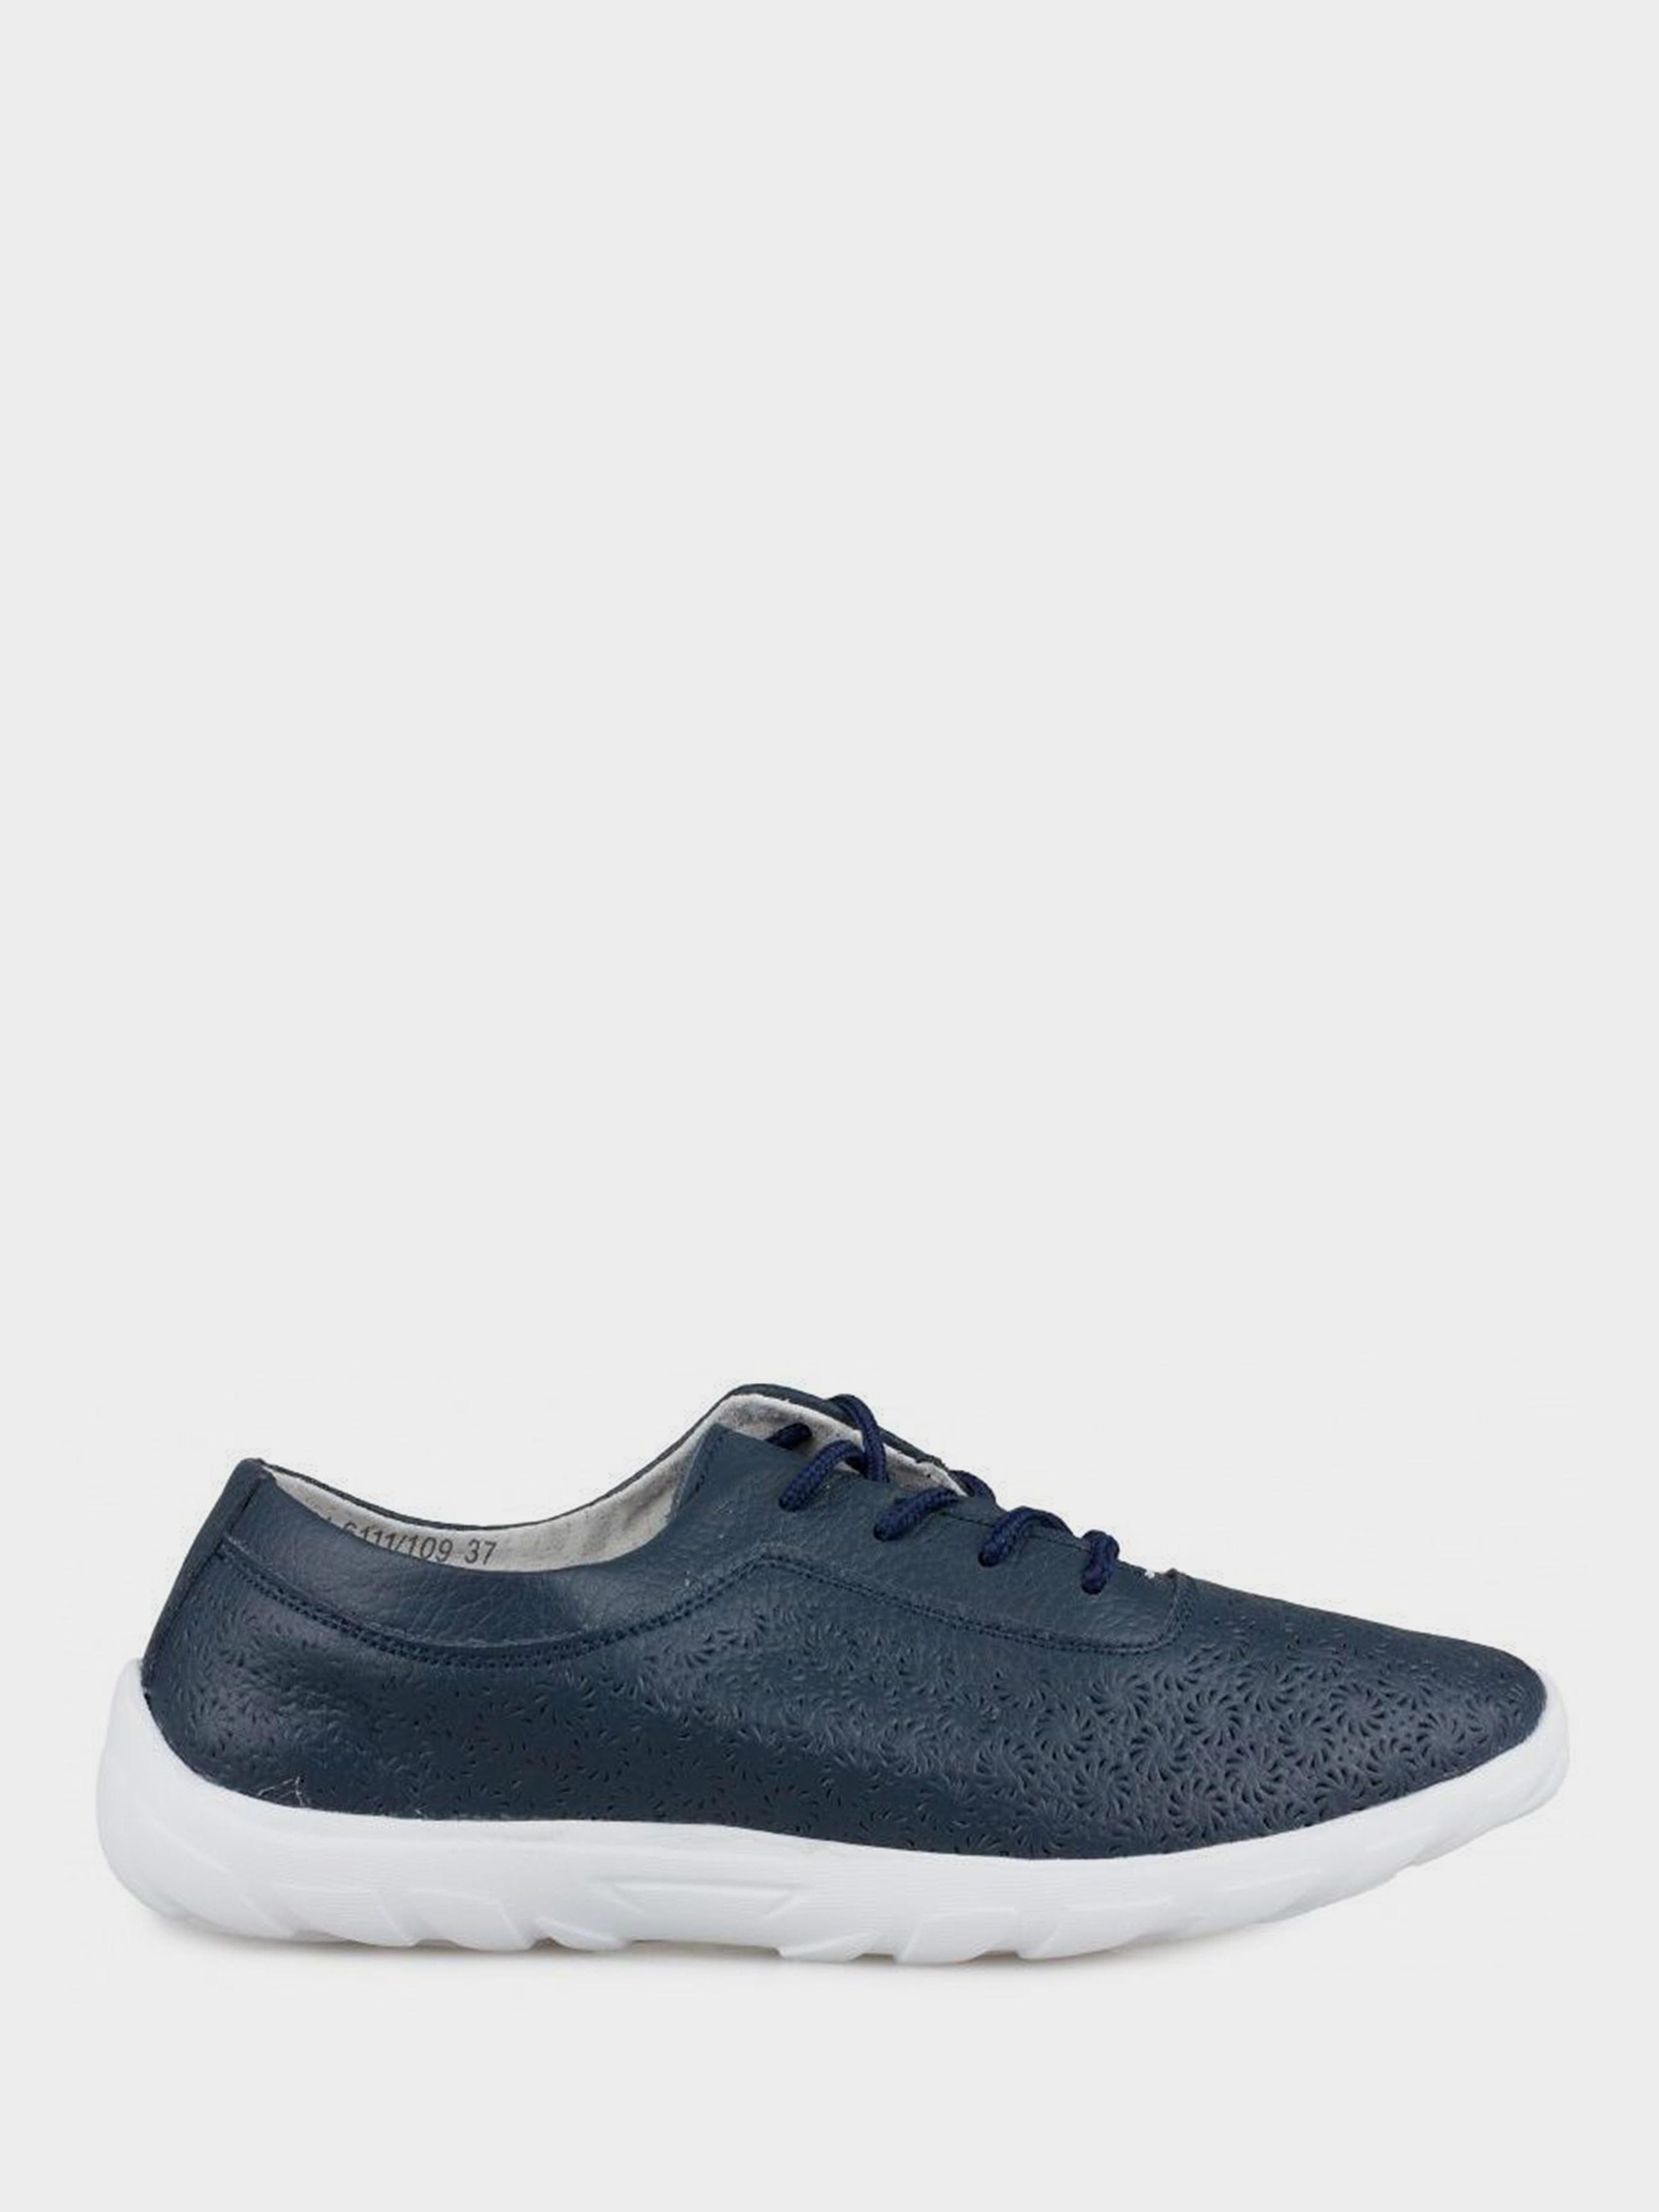 Полуботинки для женщин Gunter GR165 размеры обуви, 2017